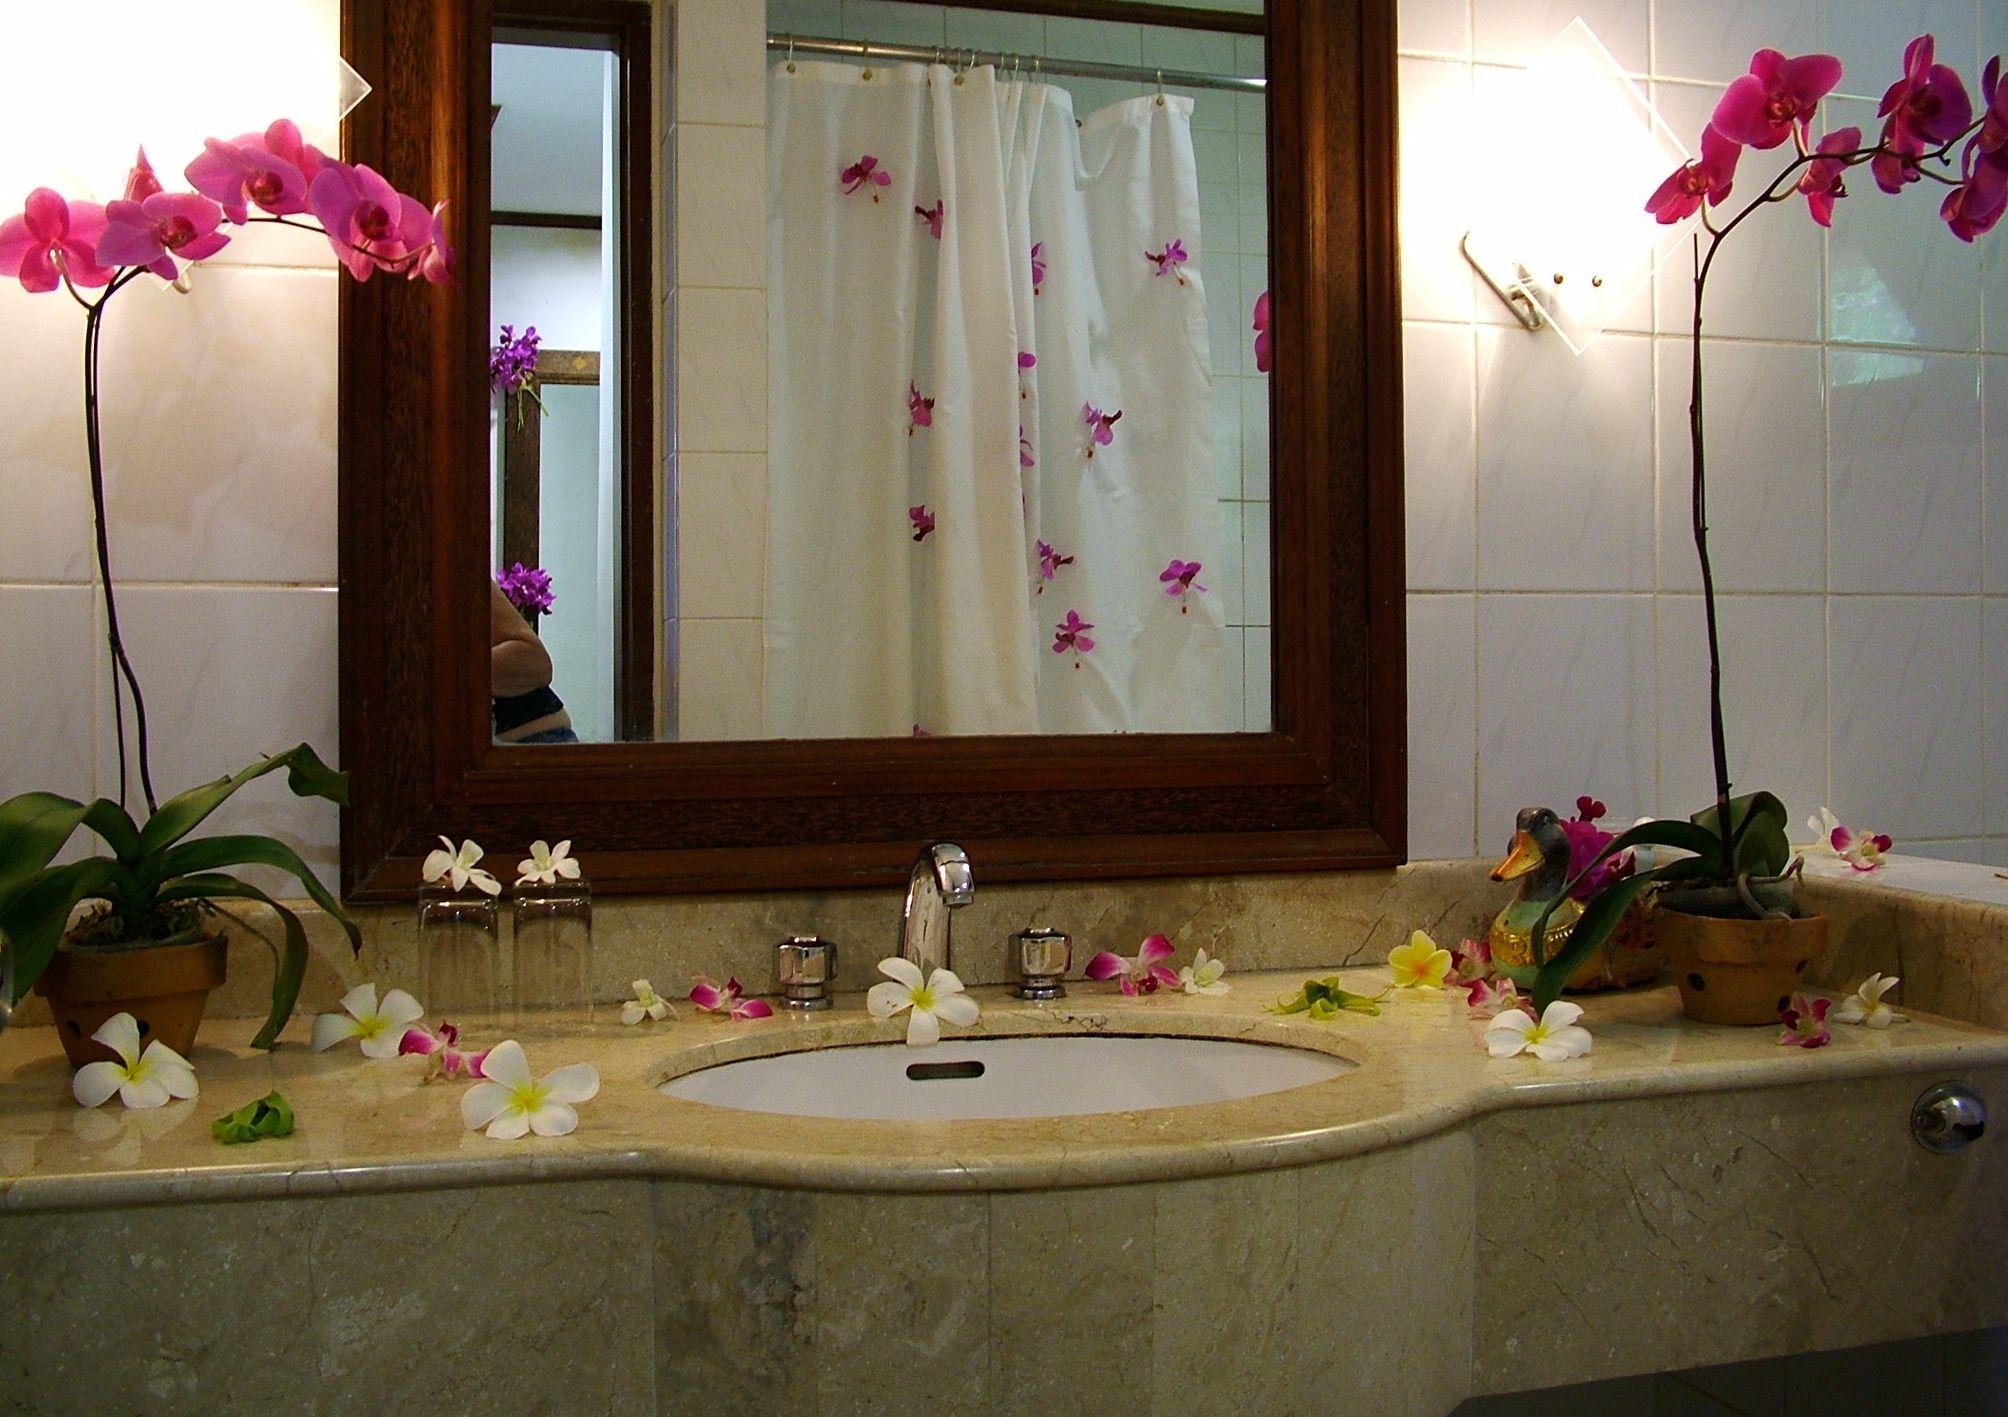 Decoration Ideas For Bathroom Stunning Decor Bathroom  Have A More Creative Bathroom  Simple Bathroom Design Ideas